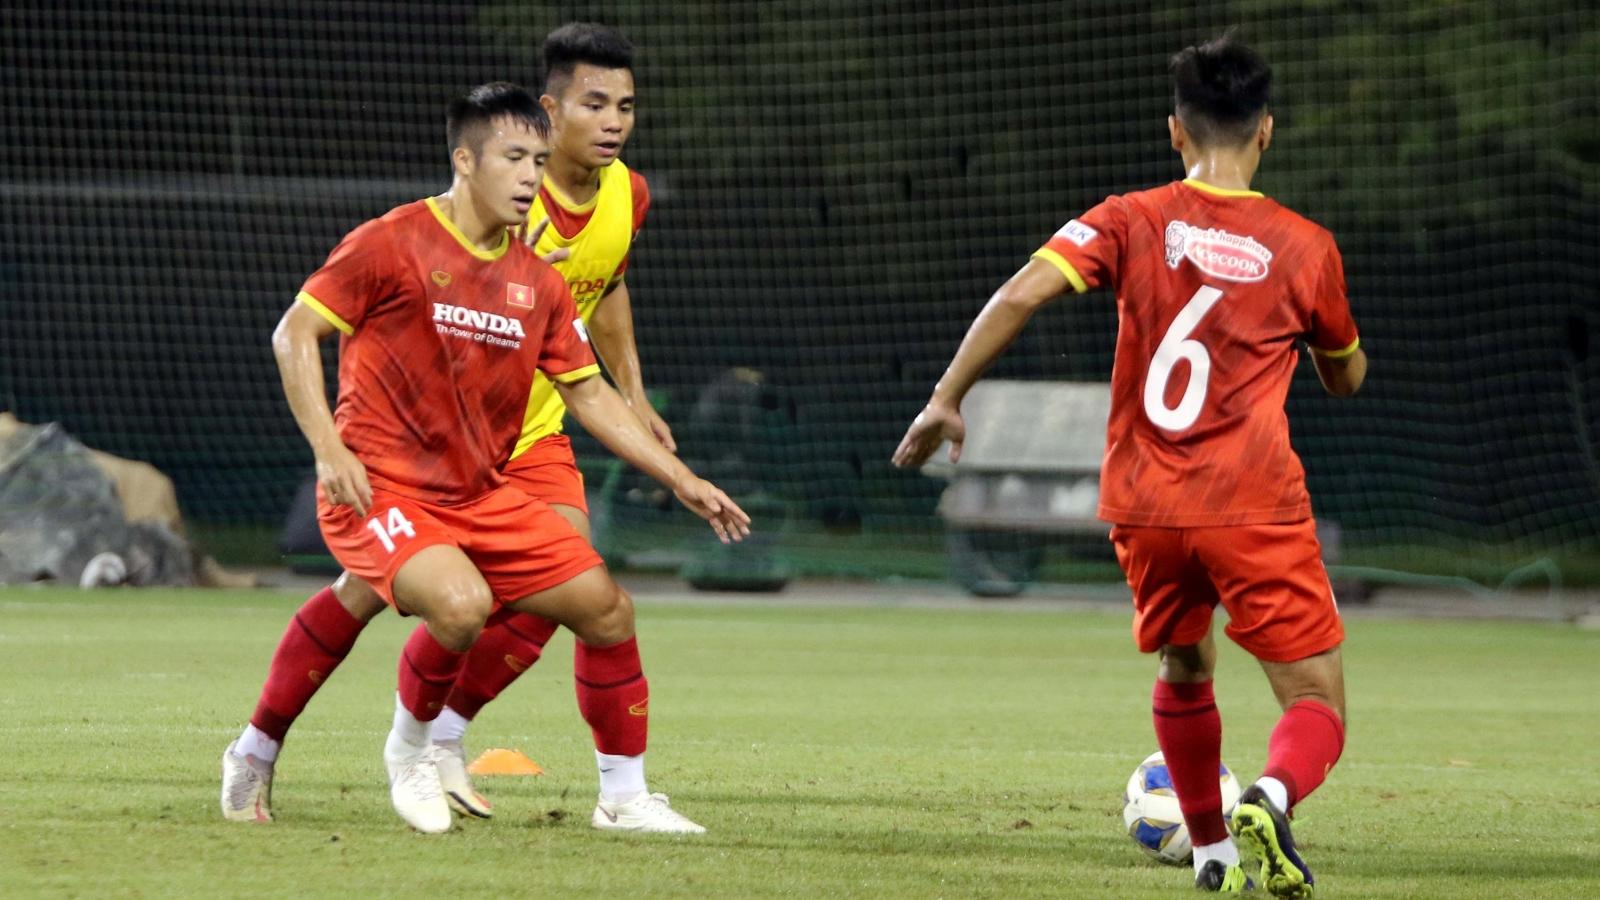 U23 Việt Nam được HLV Park Hang Seo truyền bí kíp trước trận gặp U23 Kyrgyzstan